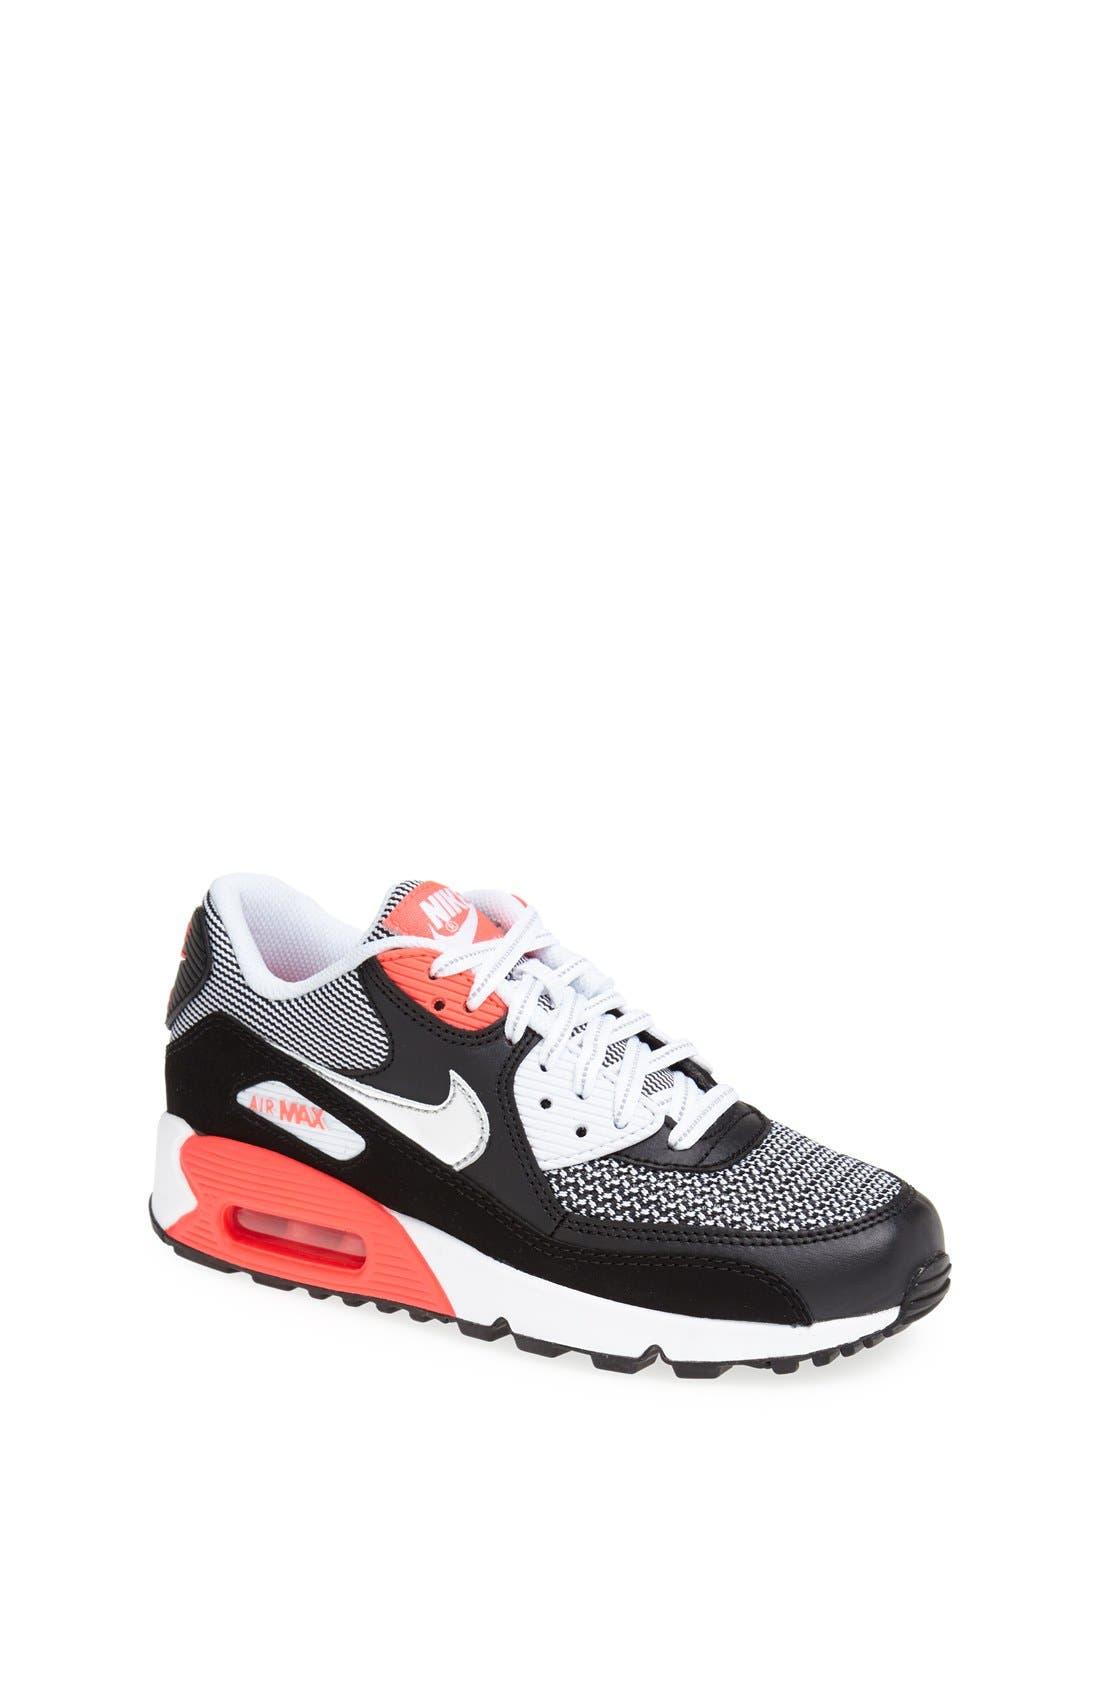 Alternate Image 1 Selected - Nike 'Air Max 90 LE' Sneaker (Big Kid)